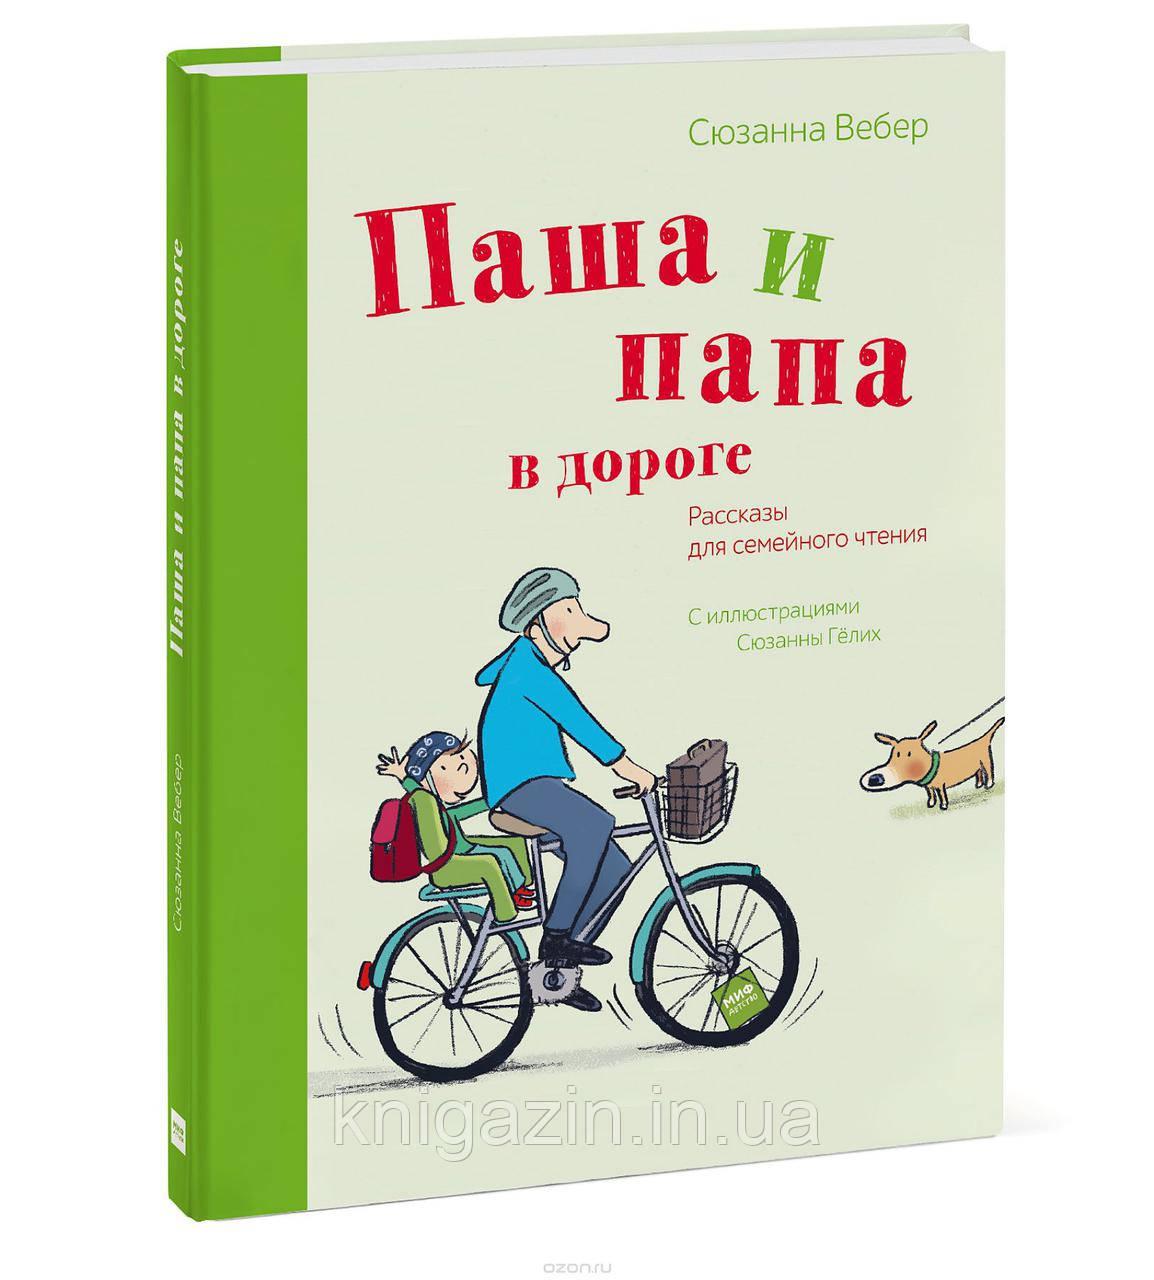 Сюзанна Вебер: Паша и папа в дороге. Рассказы для семейного чтения